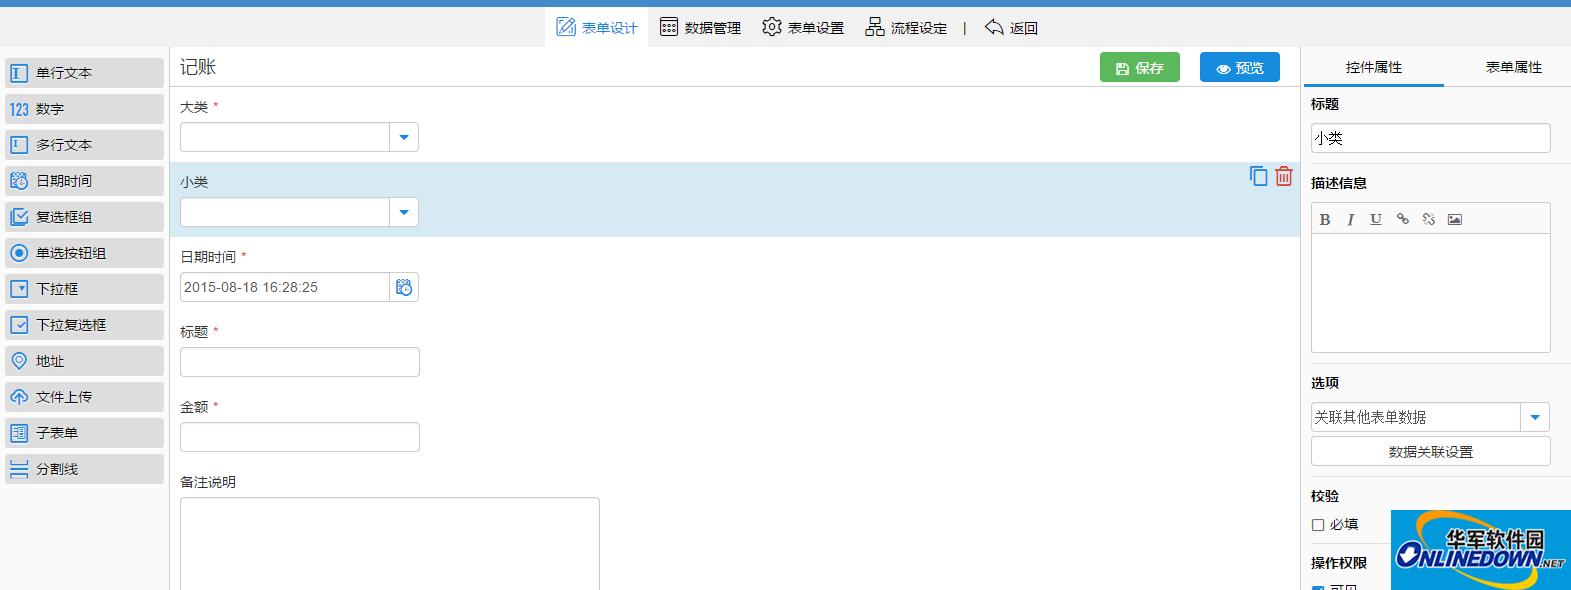 家庭记账软件简道云的使用方法